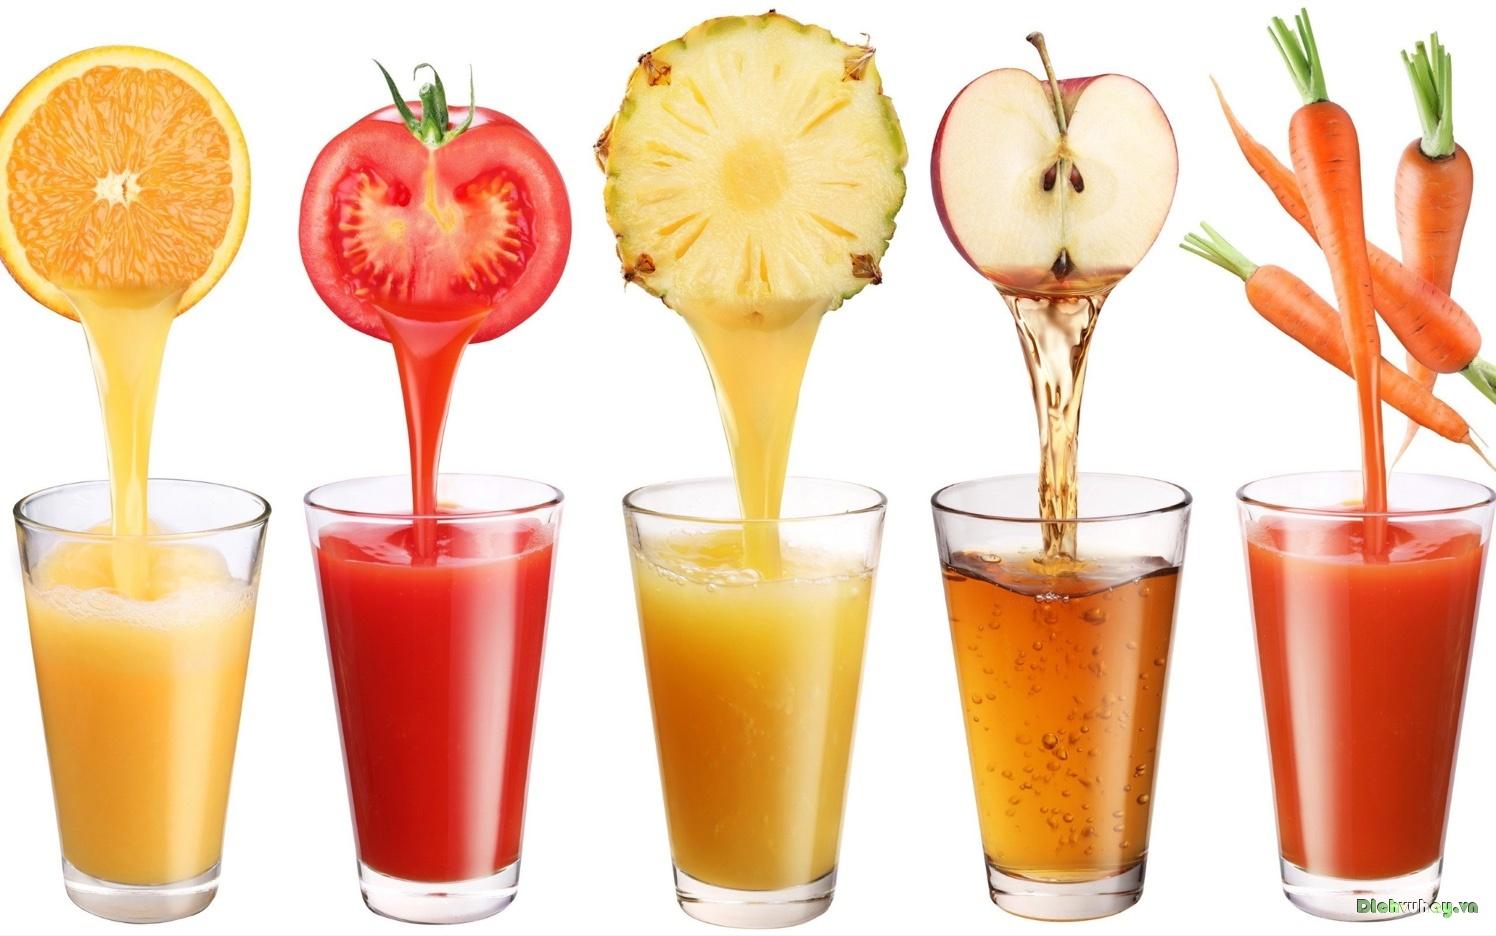 , [Giải đáp] người đang trong quá trình xạ trị ung thư nên ăn thực phẩm gì?, Nhà phân phối máy lọc nước ion kiềm số 1 Việt Nam | Vitamia